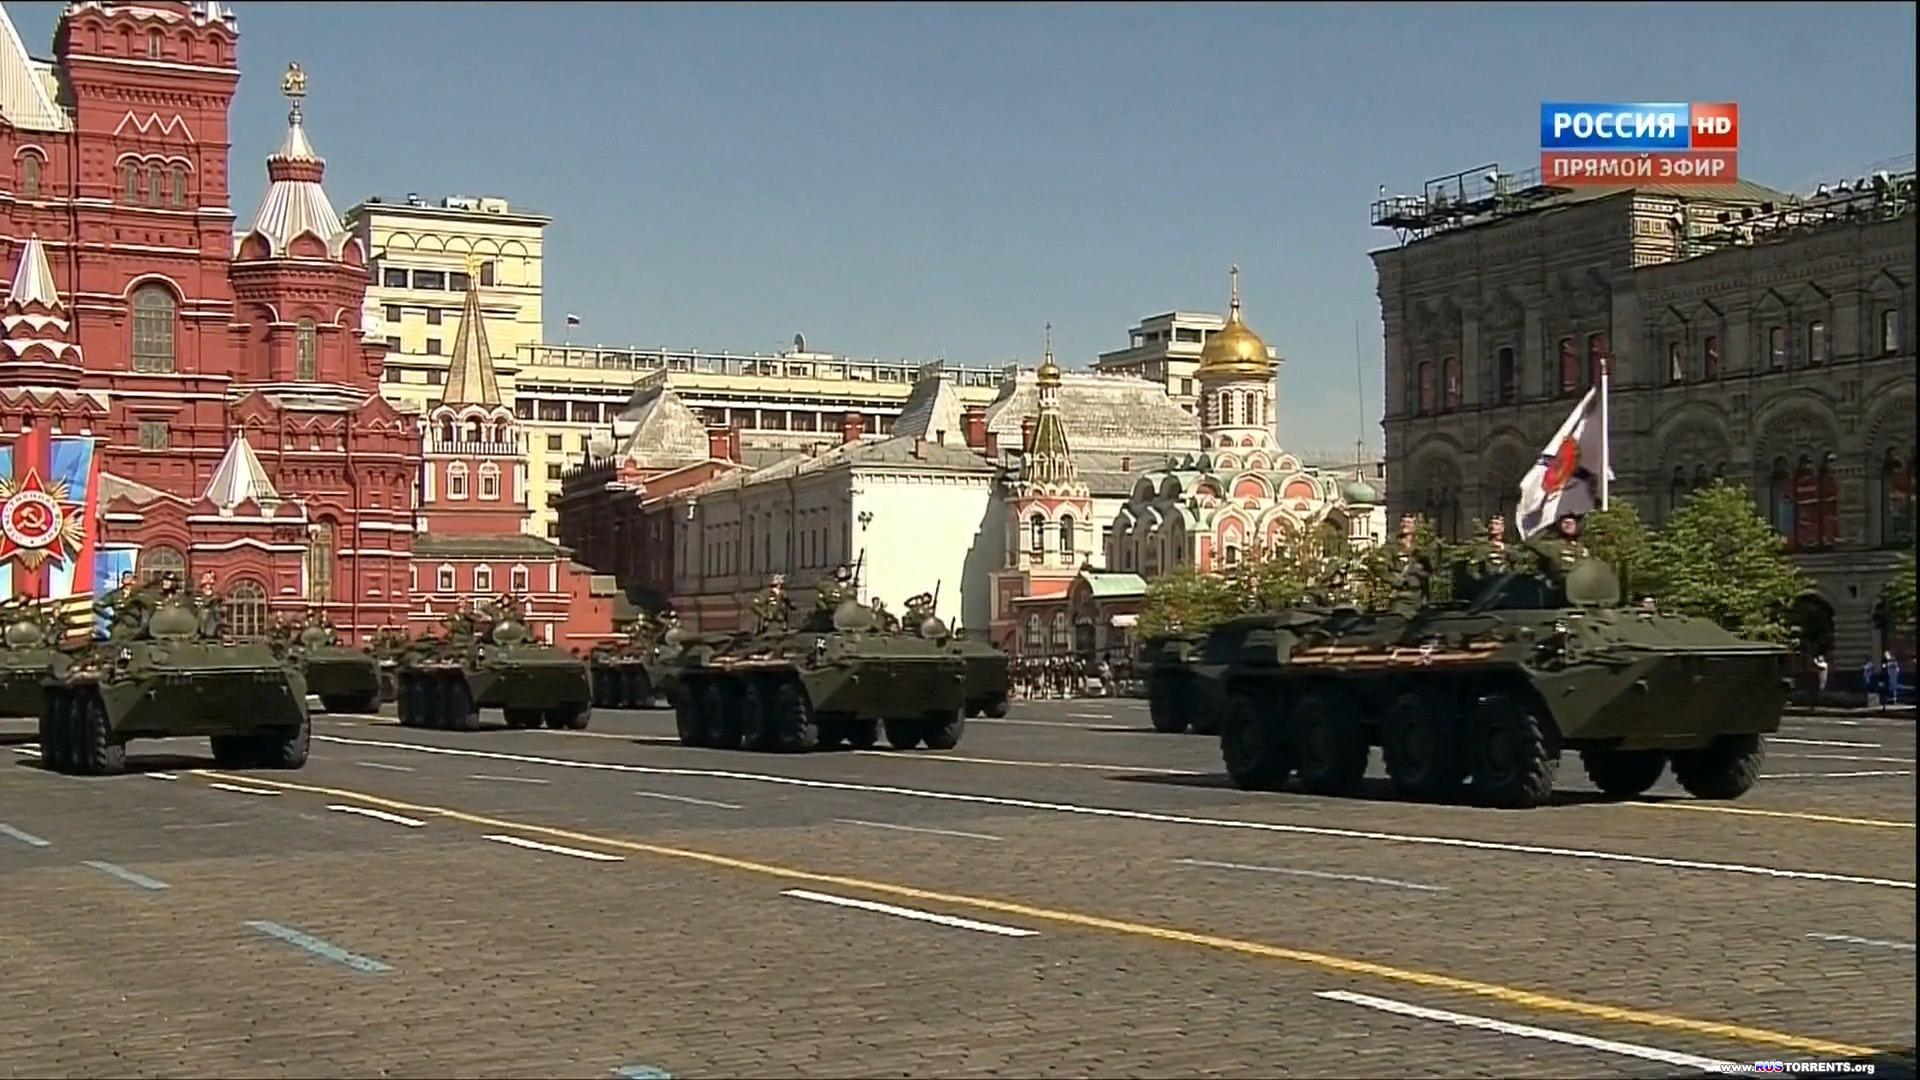 Парад Победы. Москва. Красная площадь | HDTV 1080p